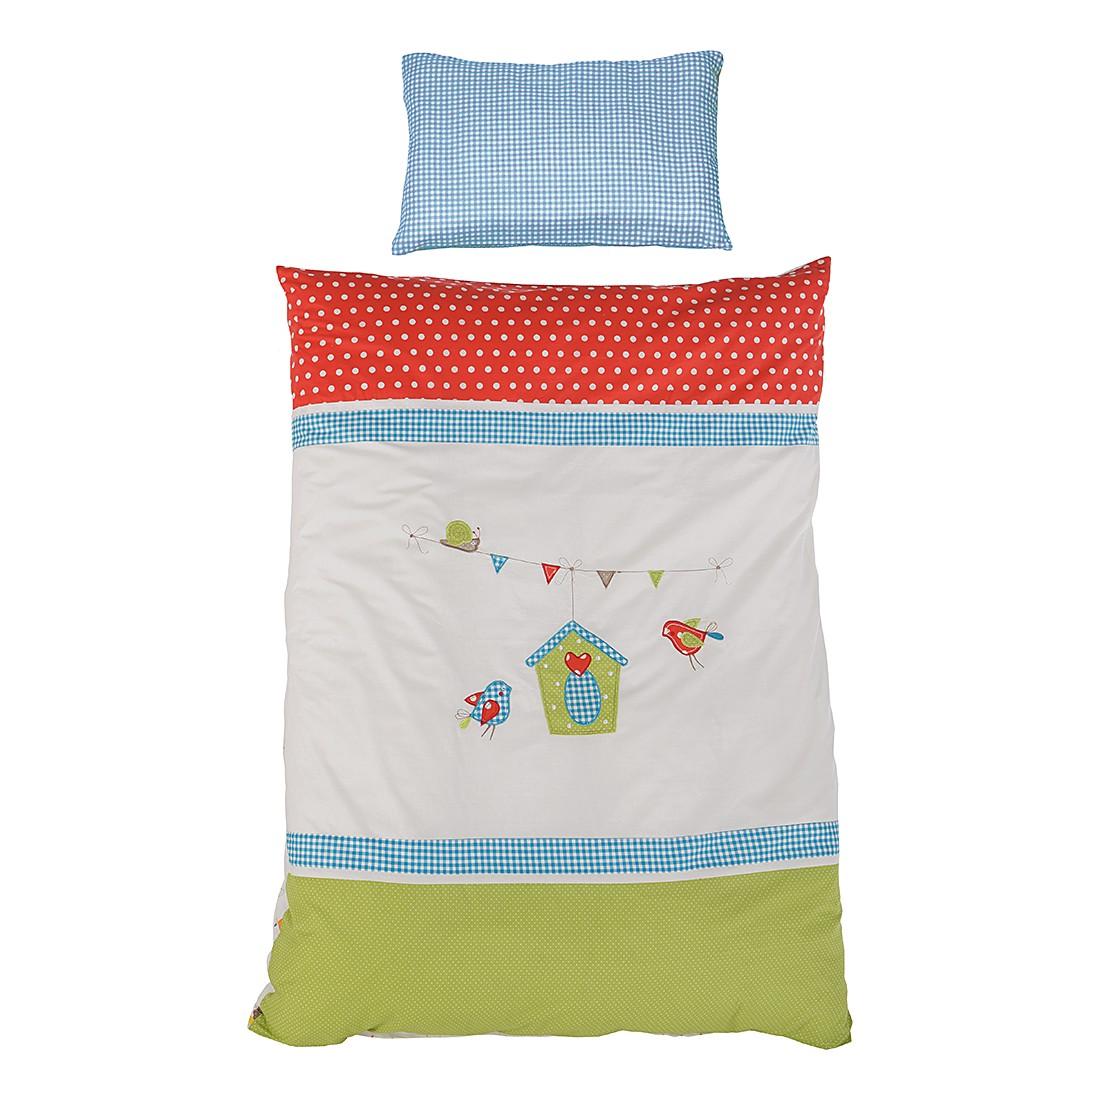 Parure de lit bébé Promenade en forêt